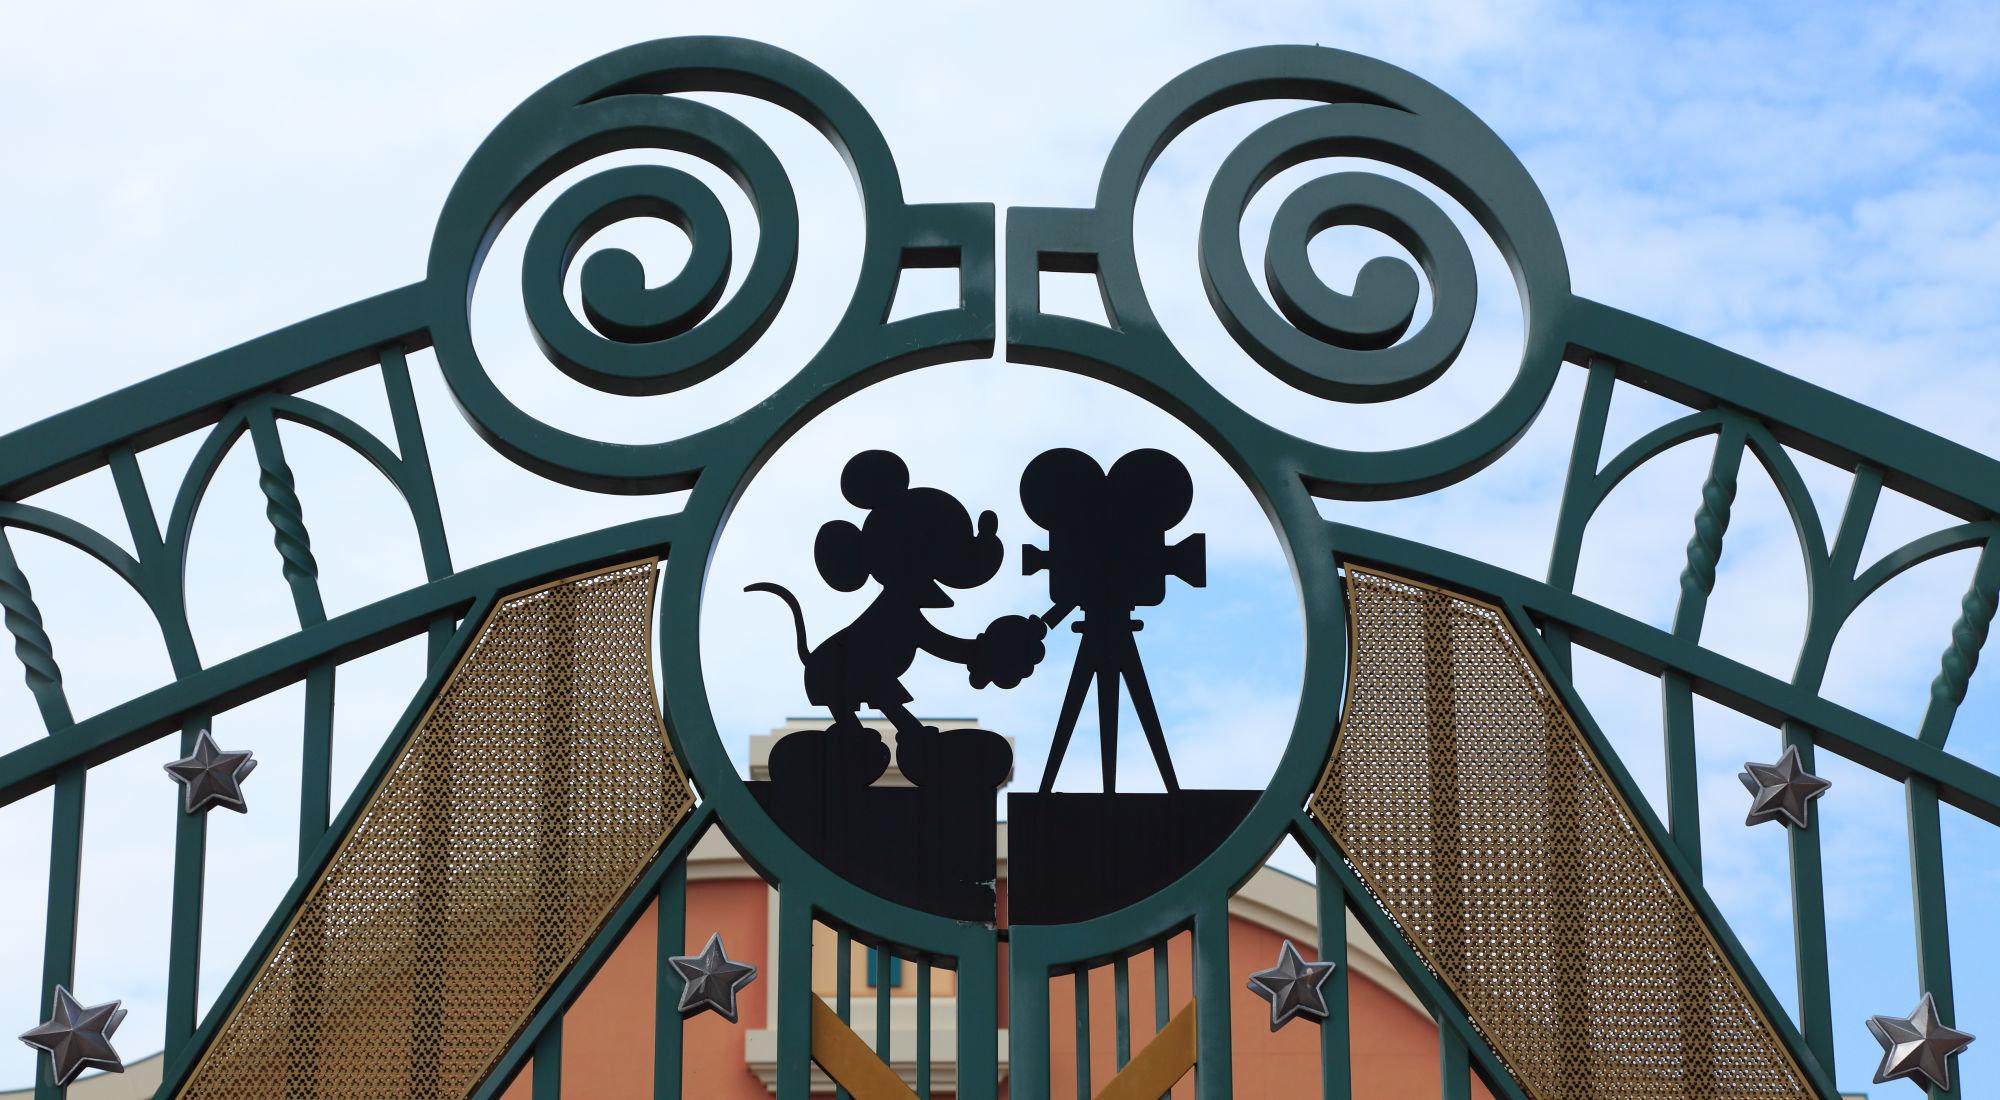 Dịch vụ streaming mới của Disney sẽ phân phối toàn bộ các phim do hãng sản xuất từ trước tới nay